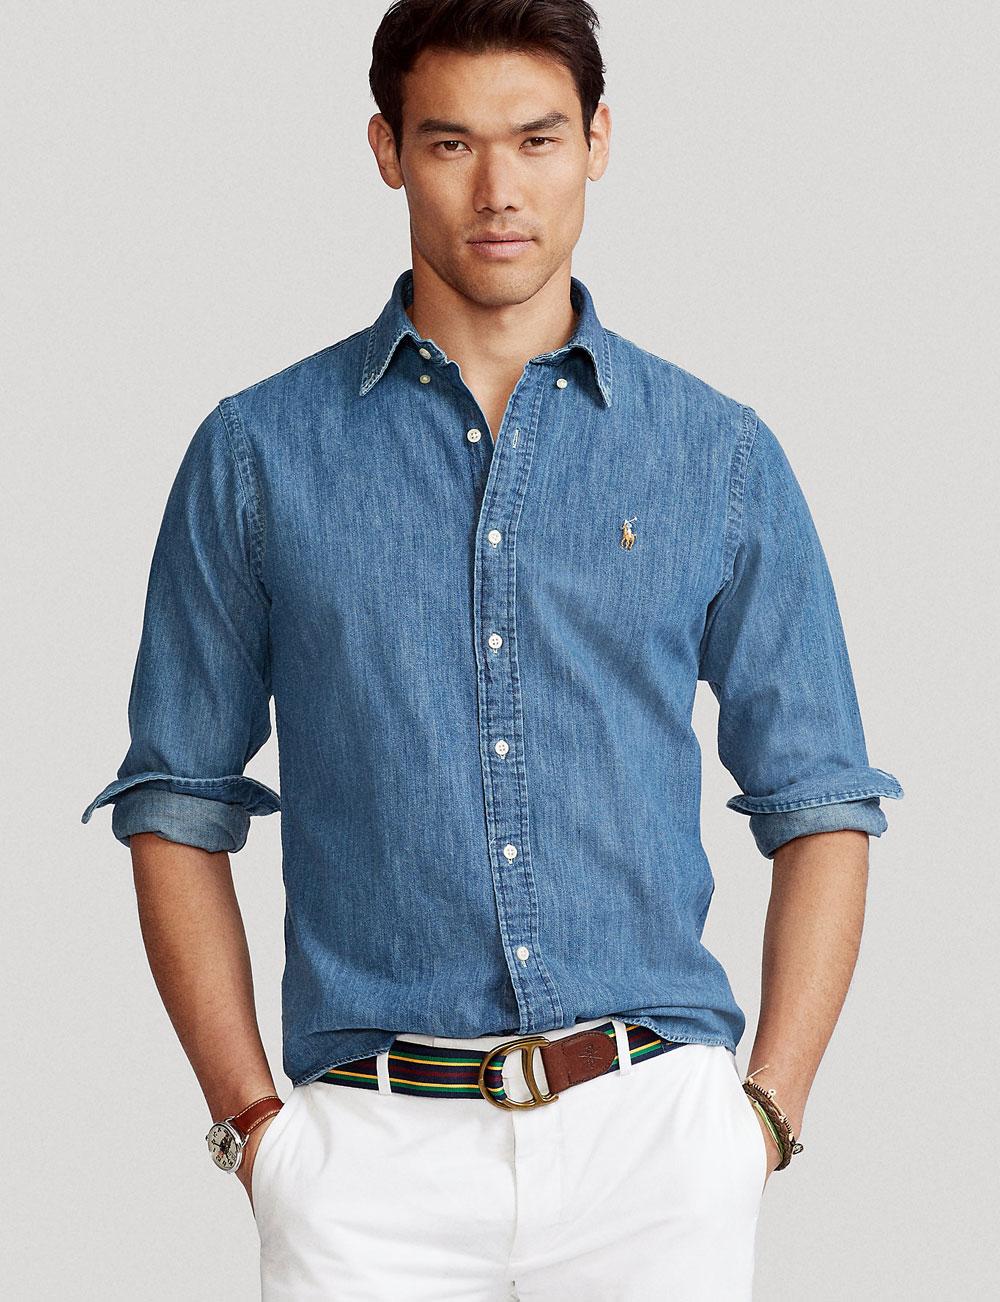 Chemise coupe custom fit ralph lauren coupes de chemises